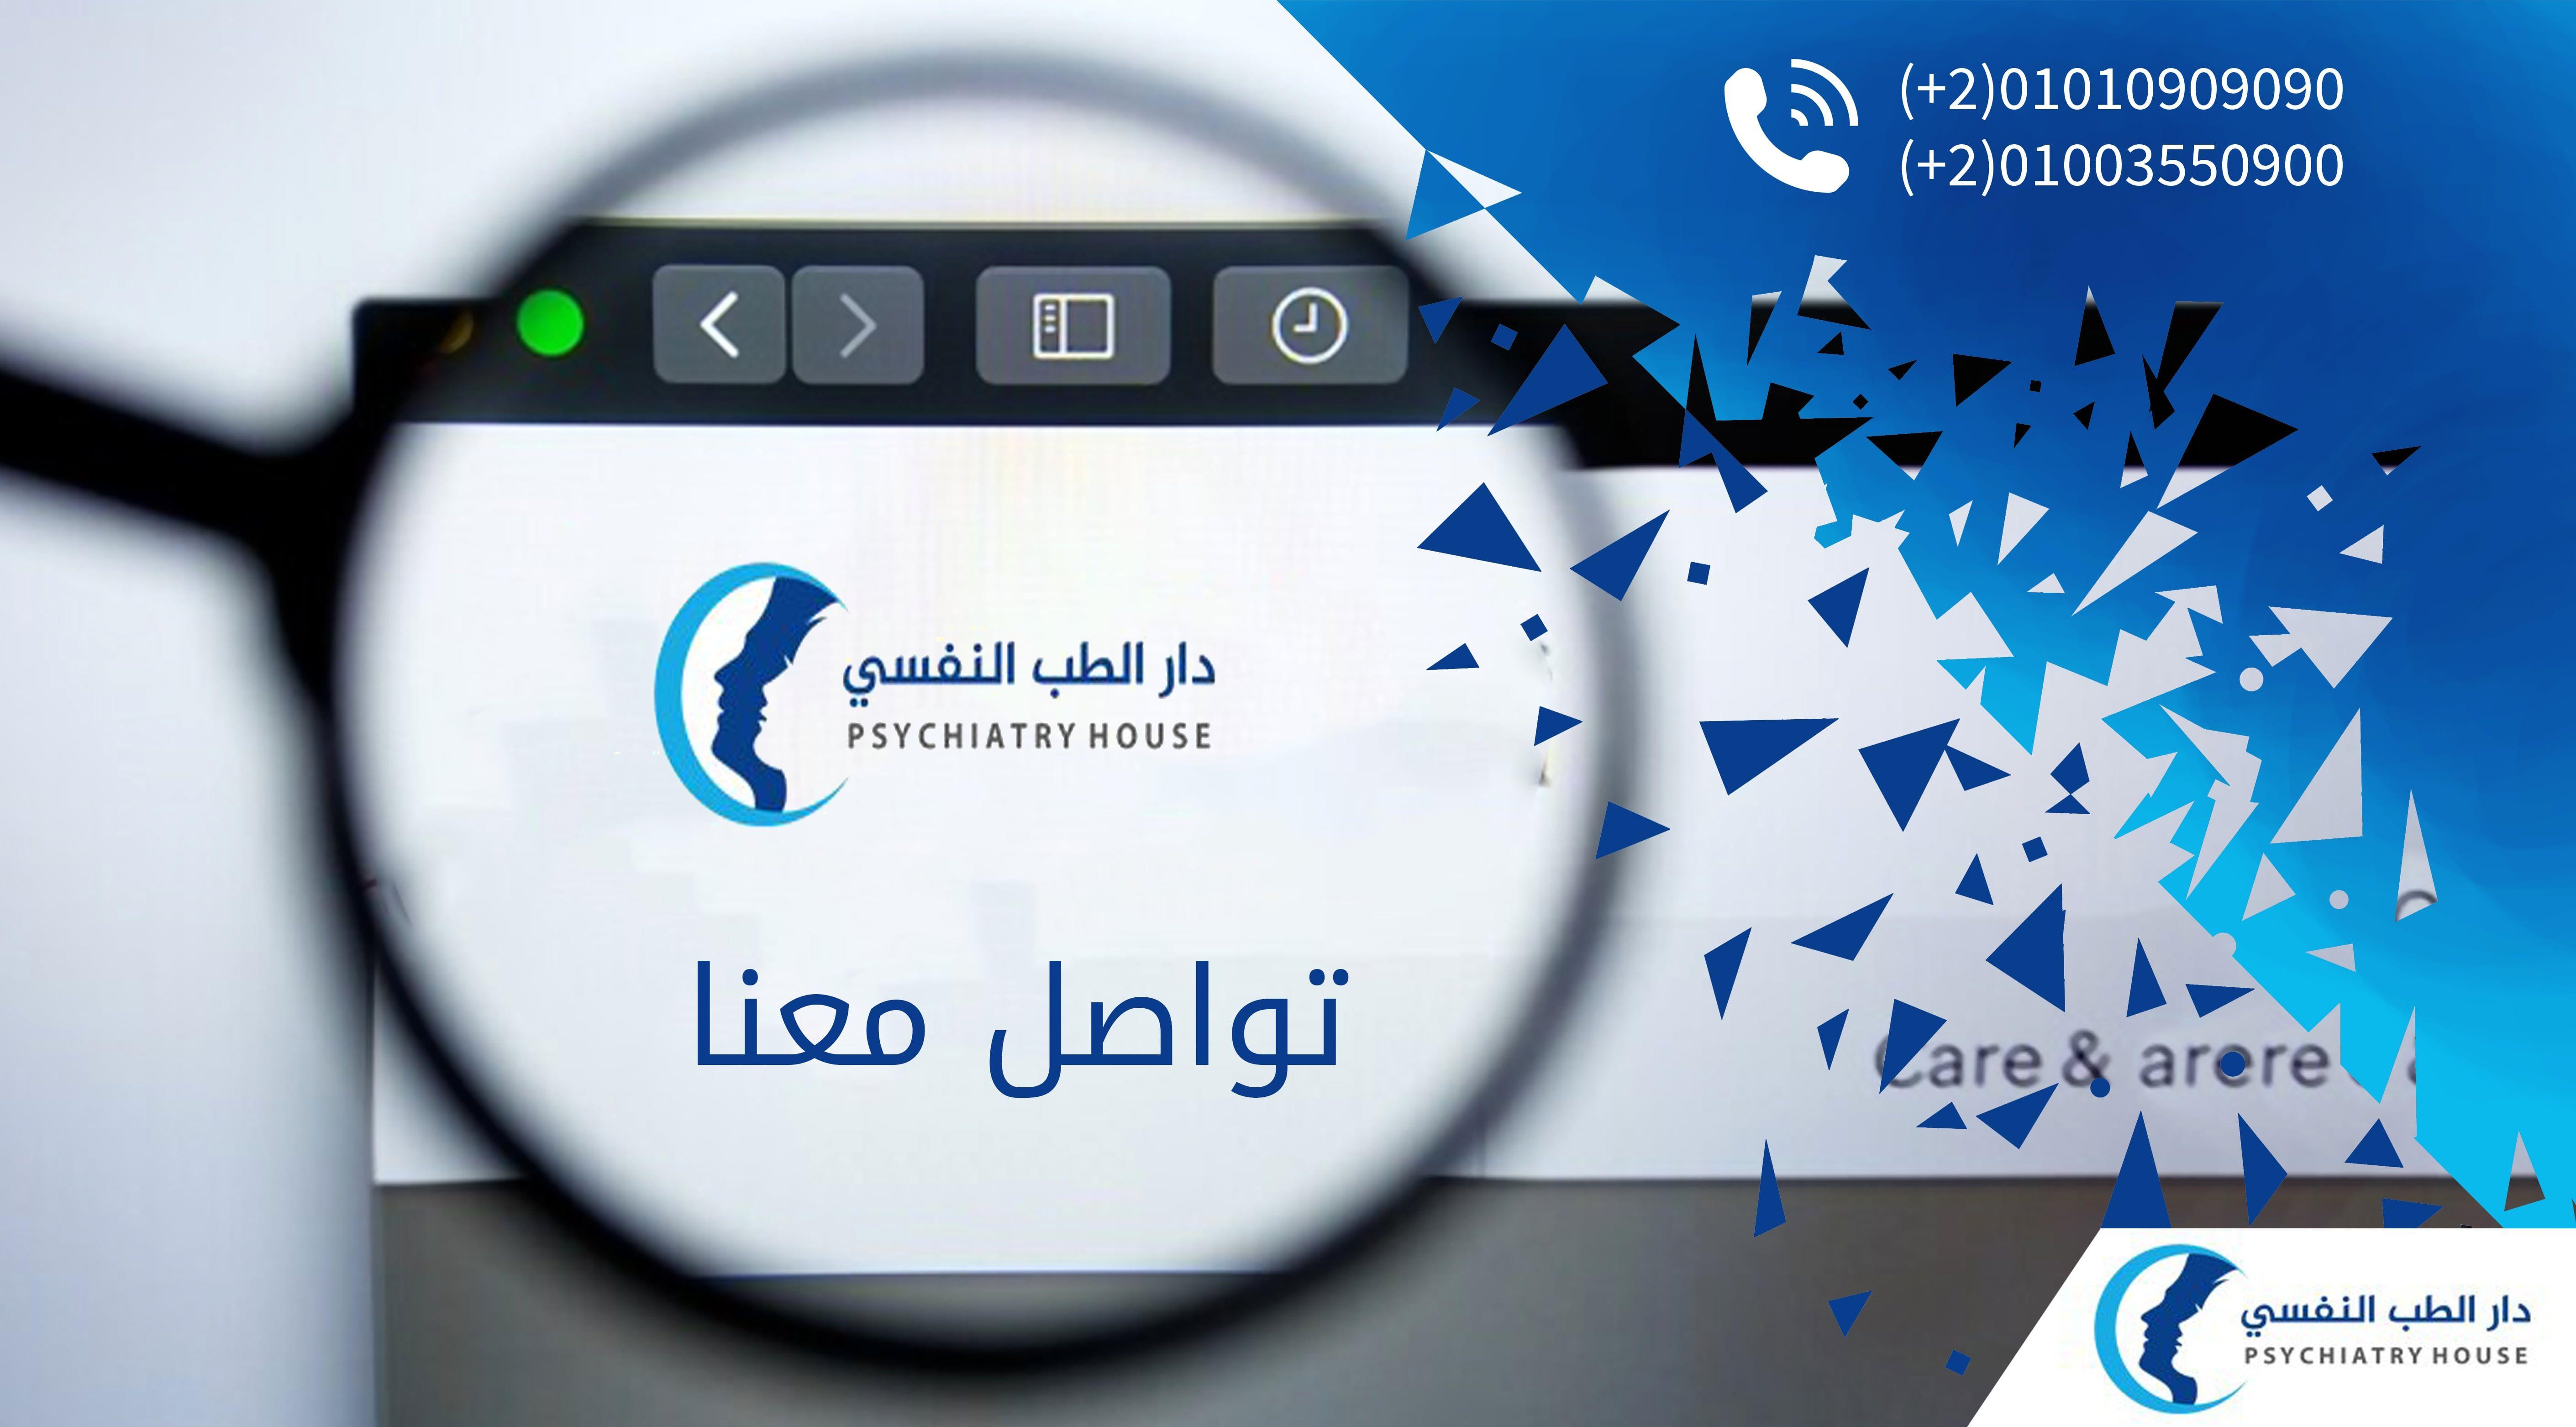 عناوين مستشفيات علاج الادمان في مصر عناوين مراكز علاج الادمان الرغبة في الوصول الي عناوين مستشفيات علاج الادمان في مصر ليس ف Fitbit Surge Fitbit Smart Watch